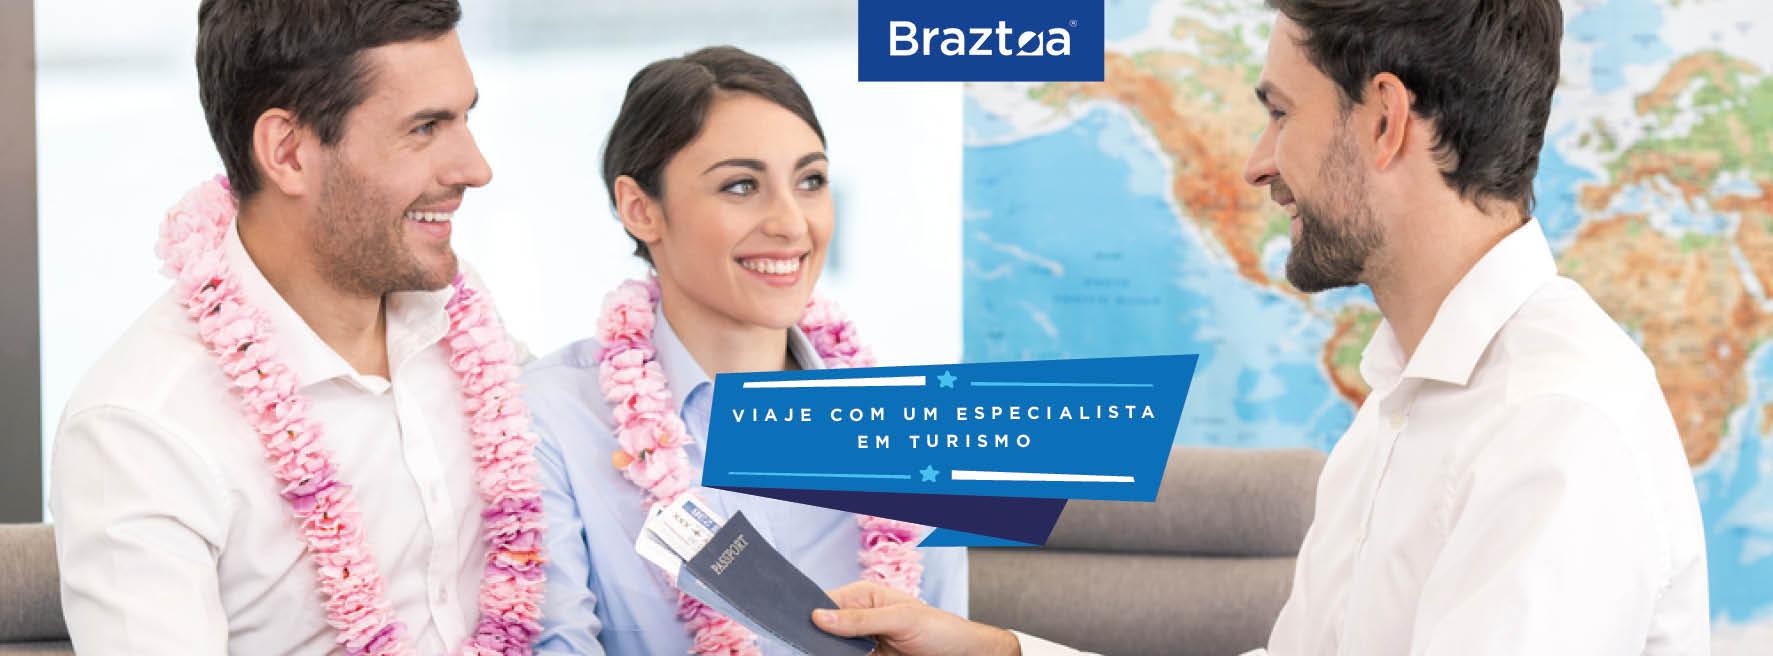 Prêmio Braztoa de Sustentabilidade 2019/2020 é lançado com muitas novidades